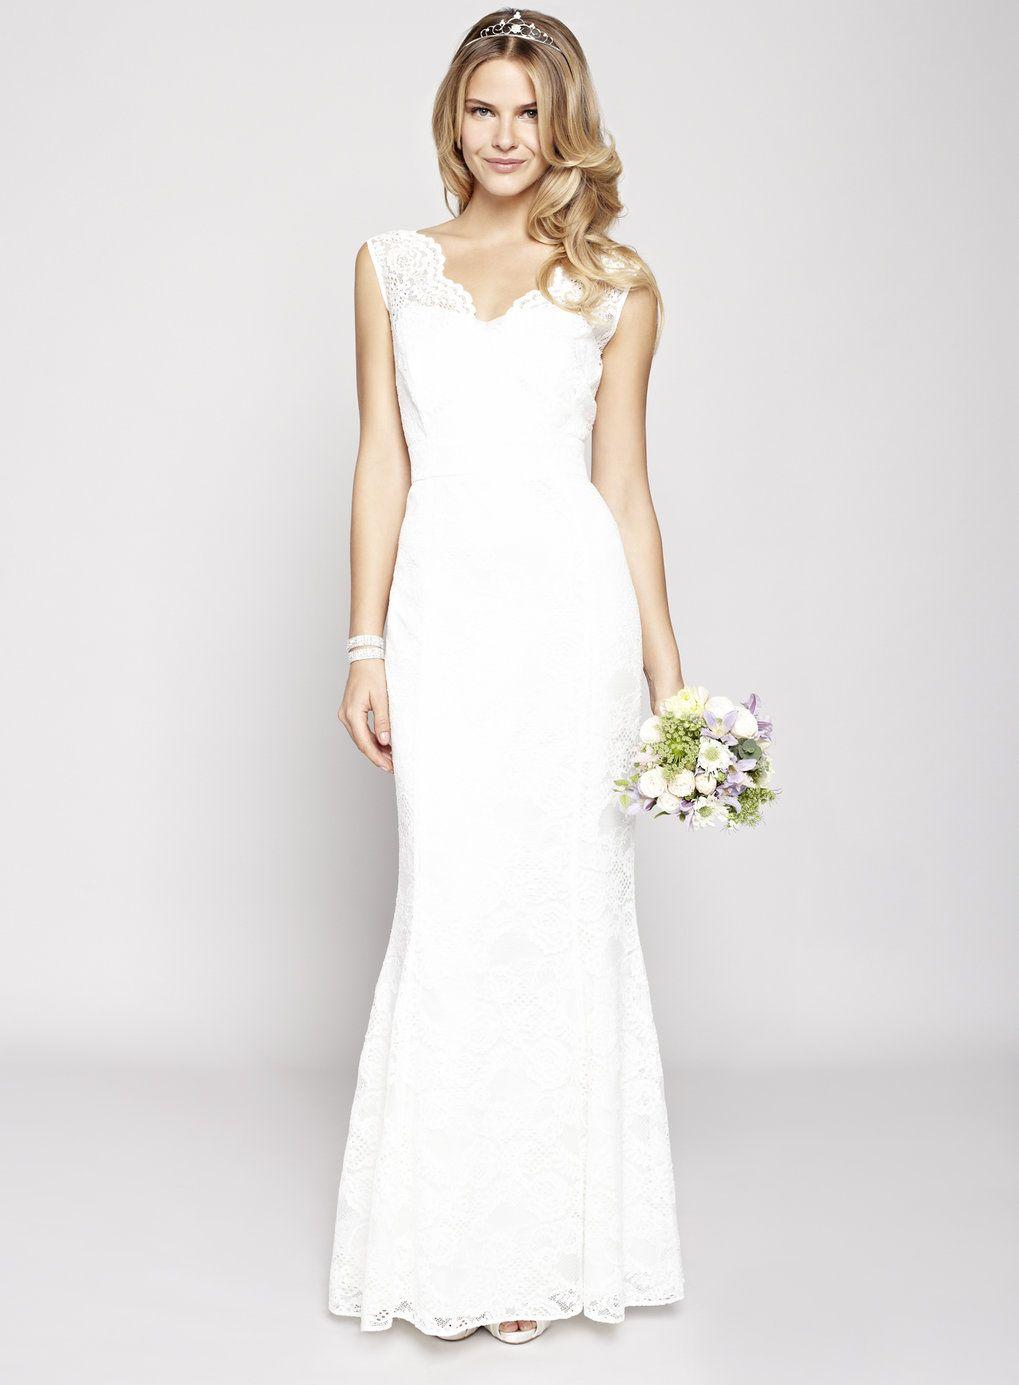 Ivory wedding dresses plus size weddings pinterest wedding ivory wedding dresses plus size ombrellifo Choice Image